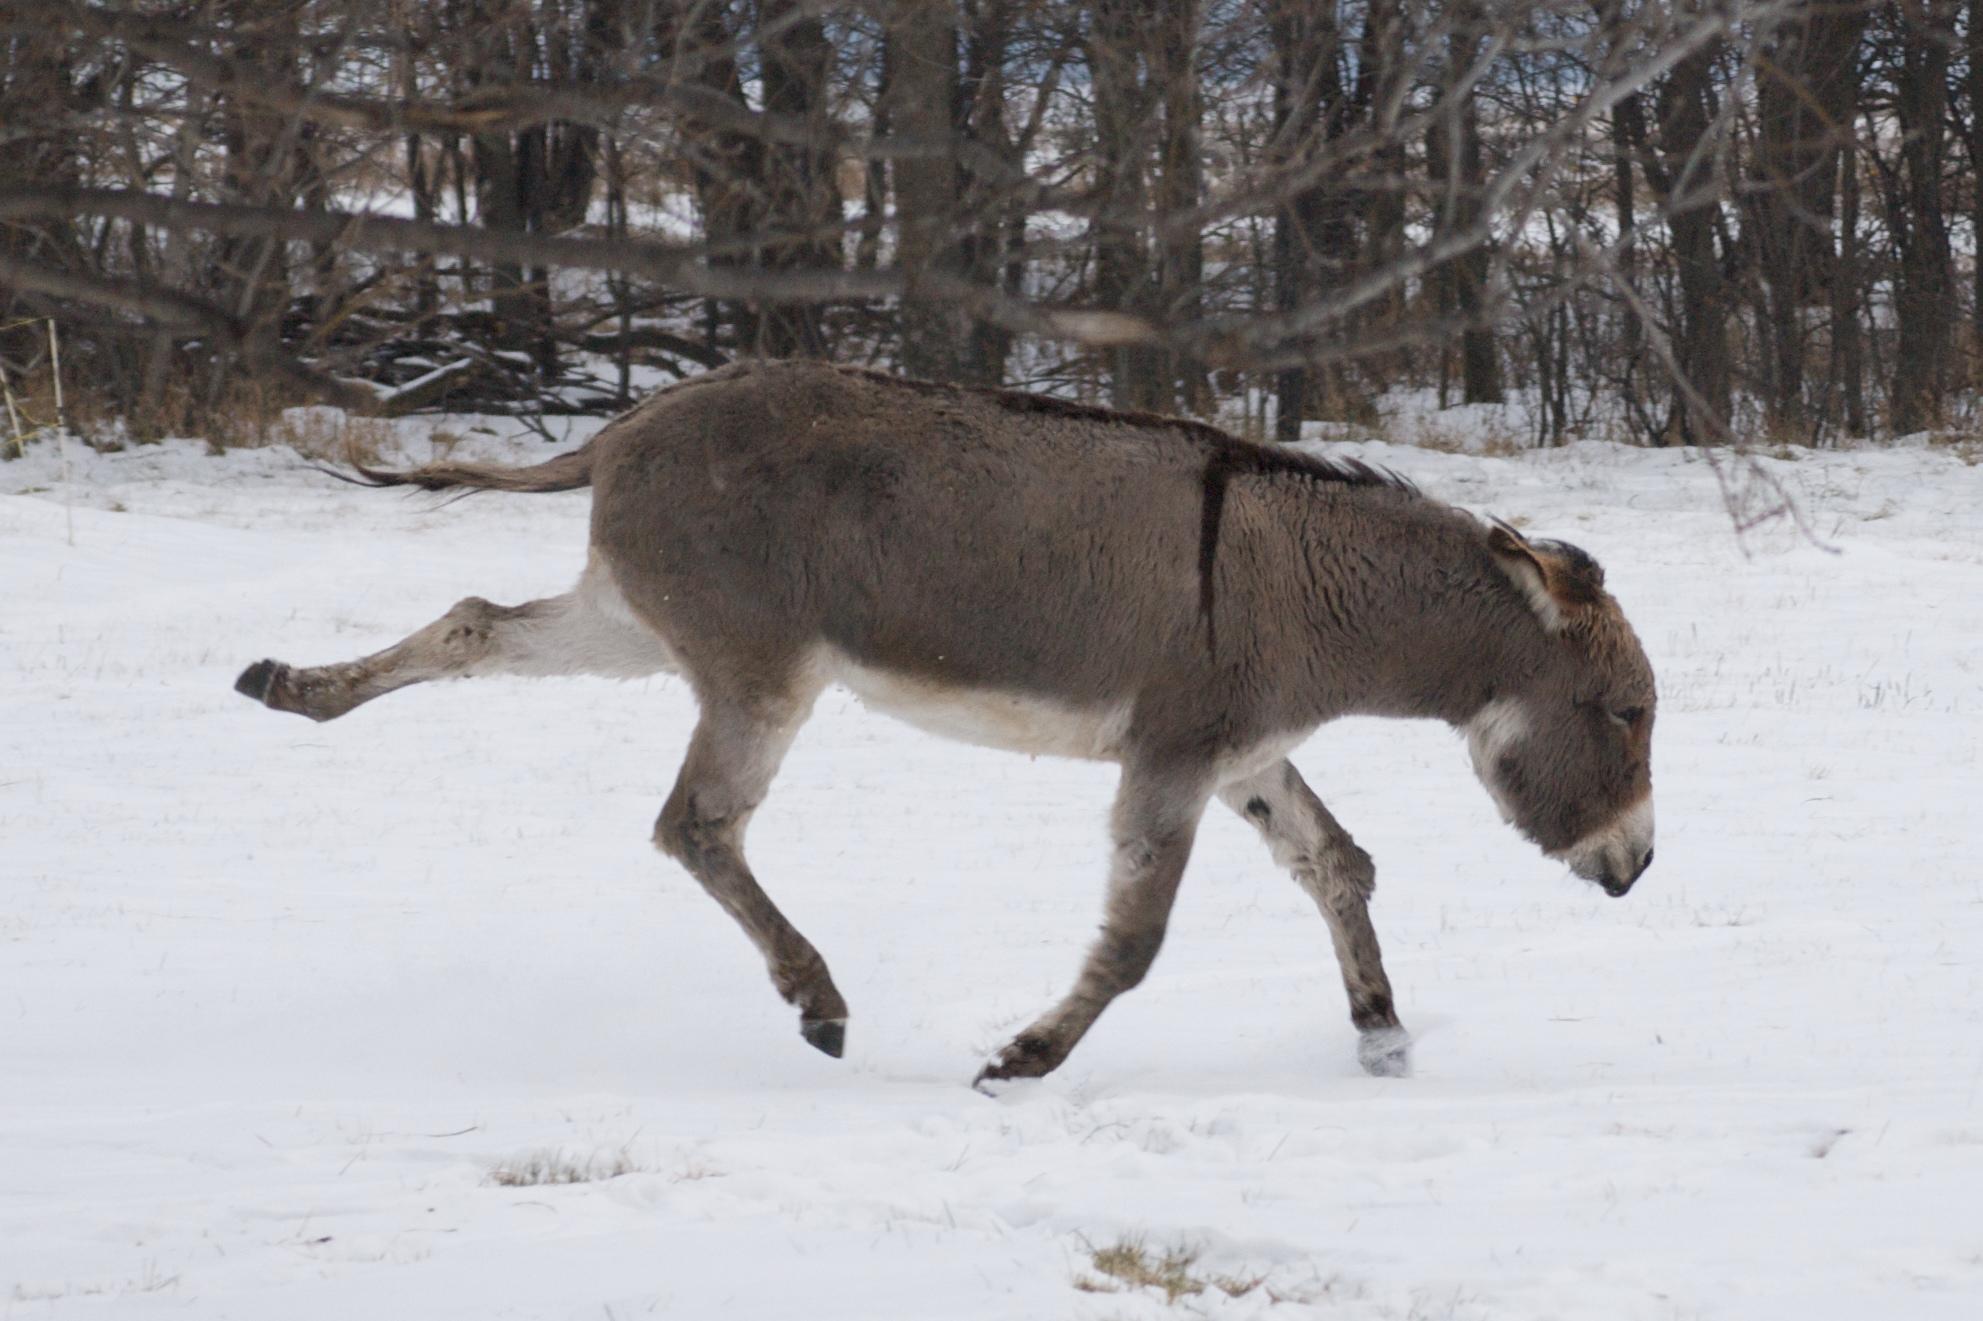 Running donkey